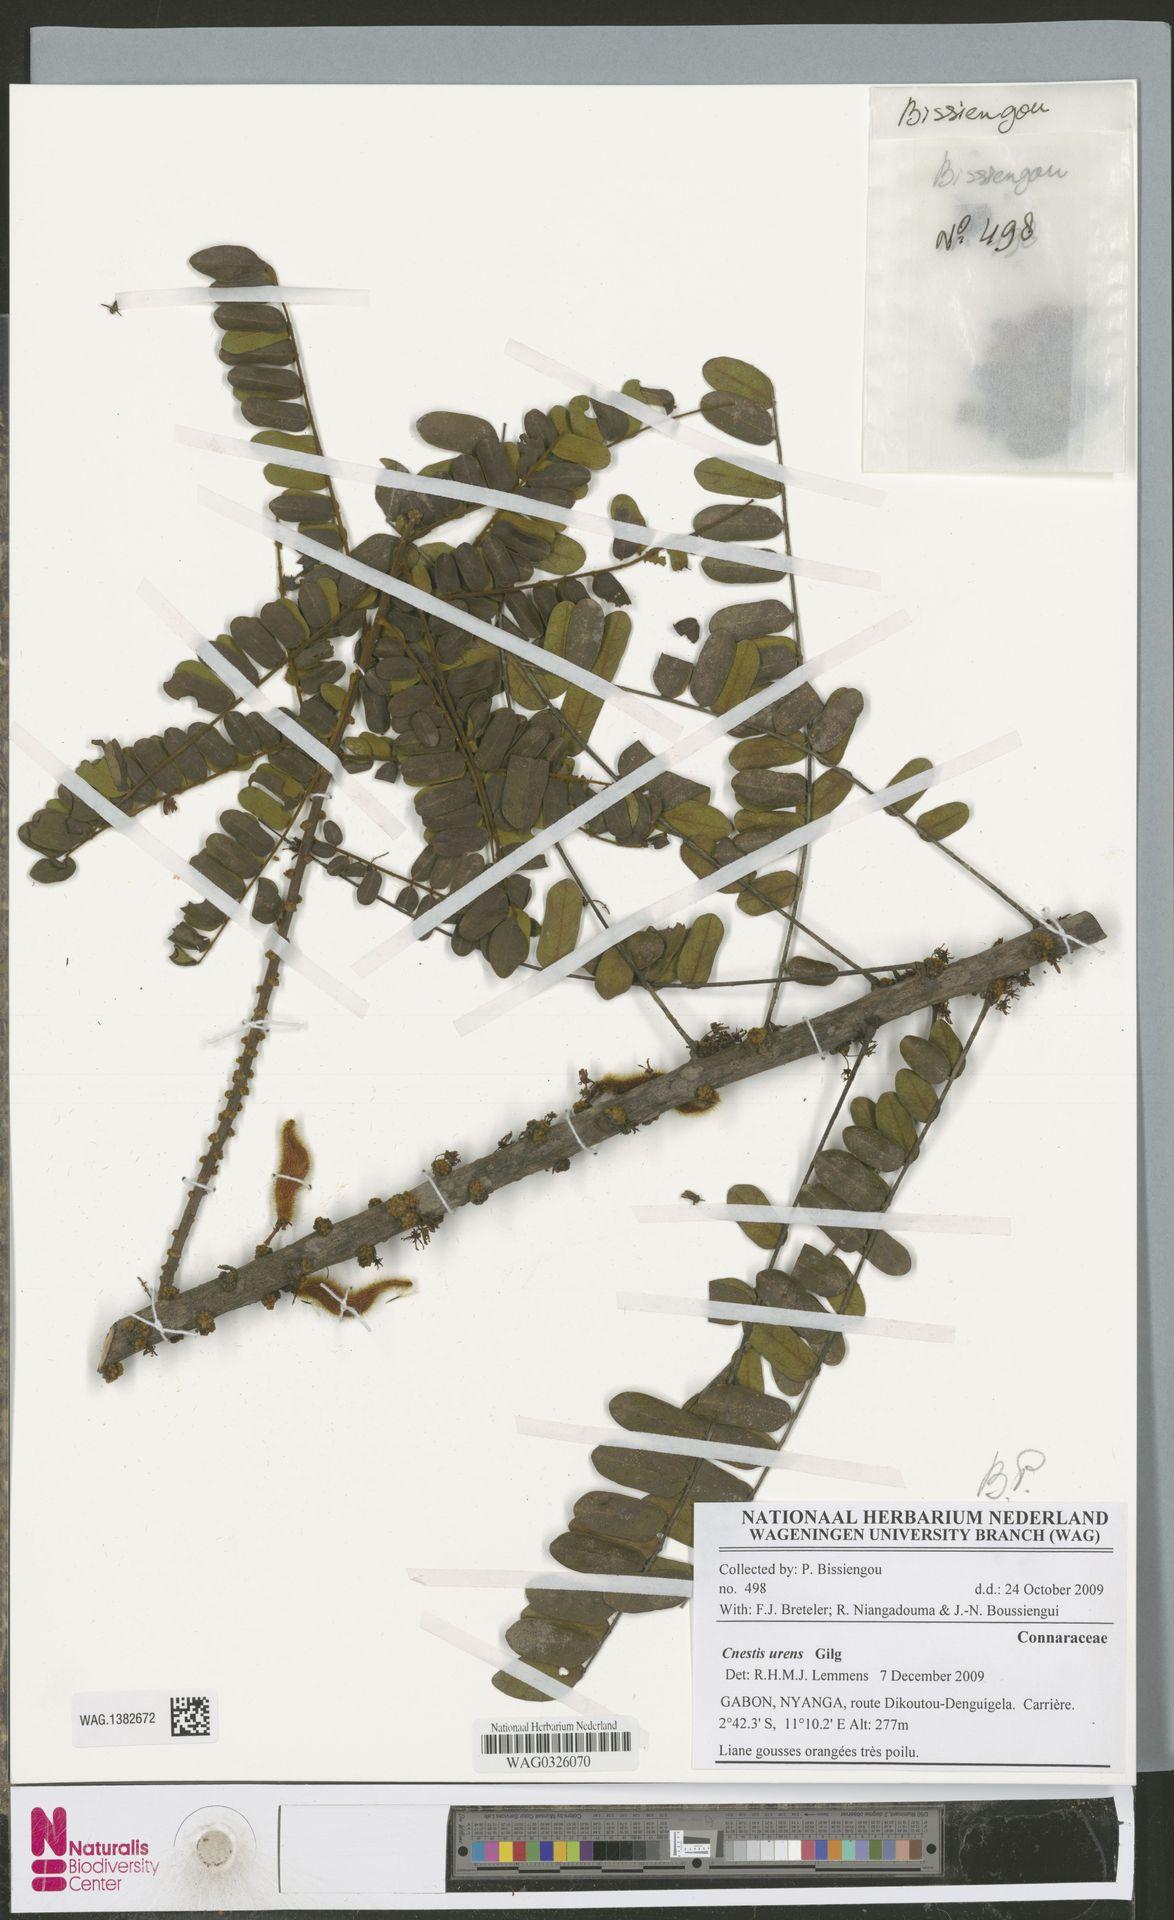 WAG.1382672 | Cnestis urens Gilg